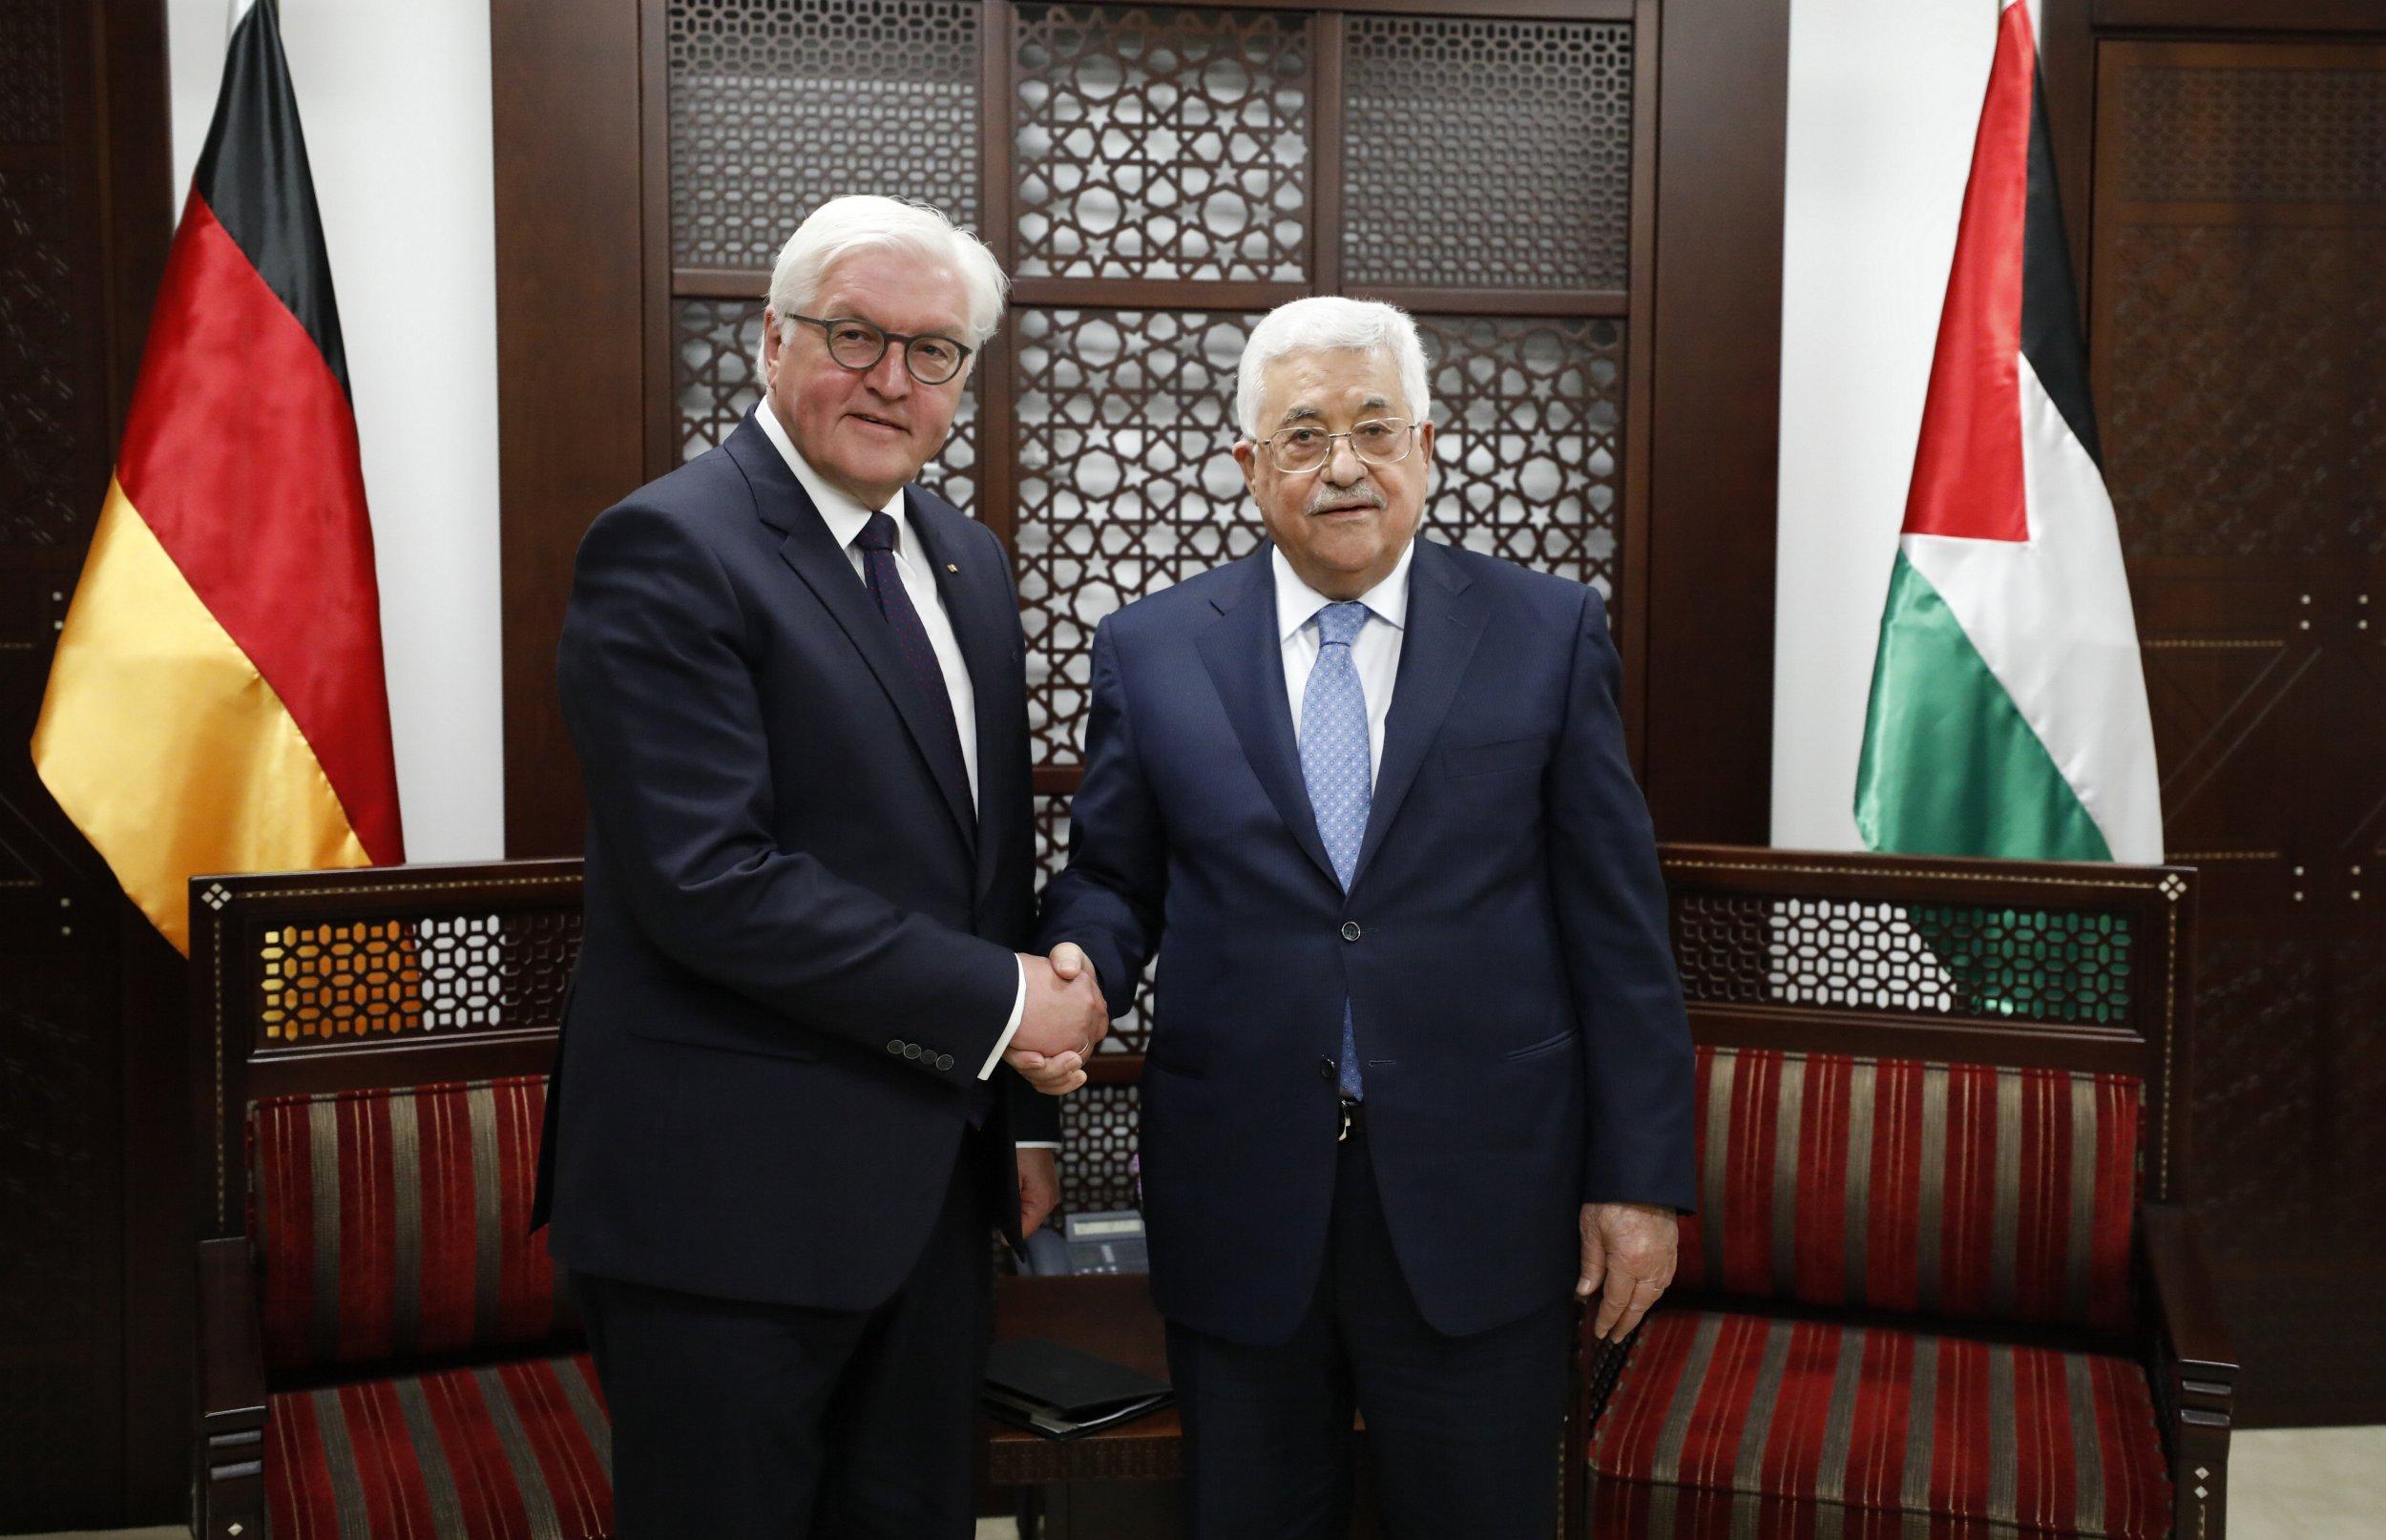 Frank-Walter Steinmeier and Mahmoud Abbas